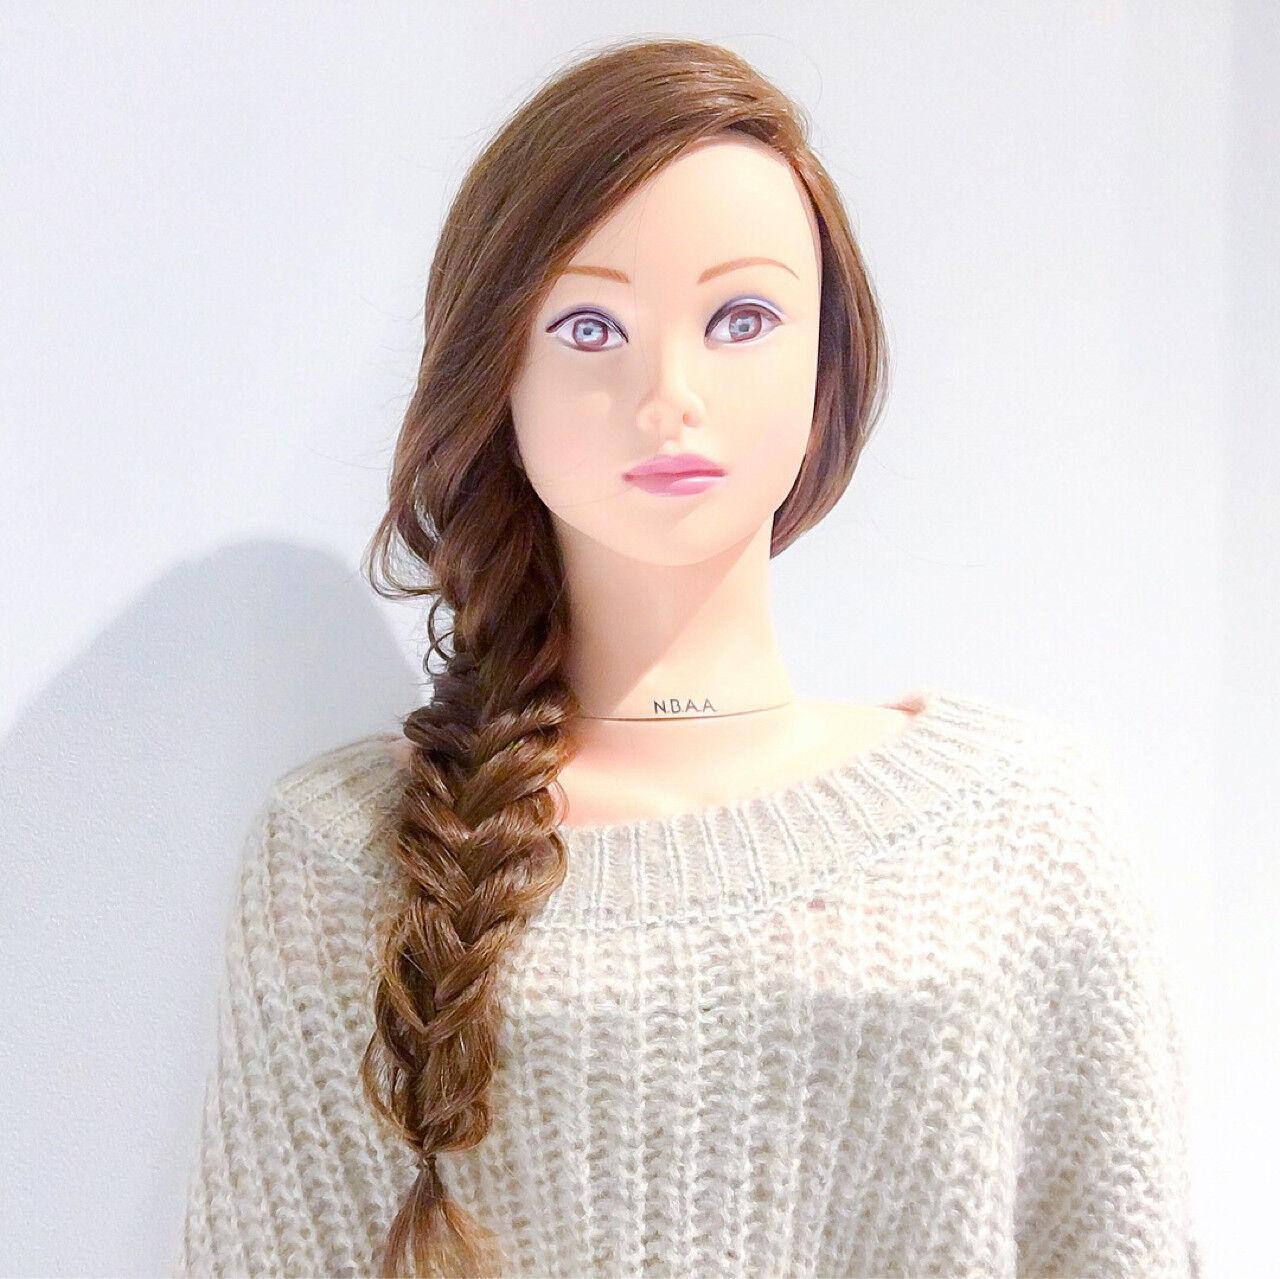 バレンタイン デート ヘアアレンジ ゆるふわヘアスタイルや髪型の写真・画像